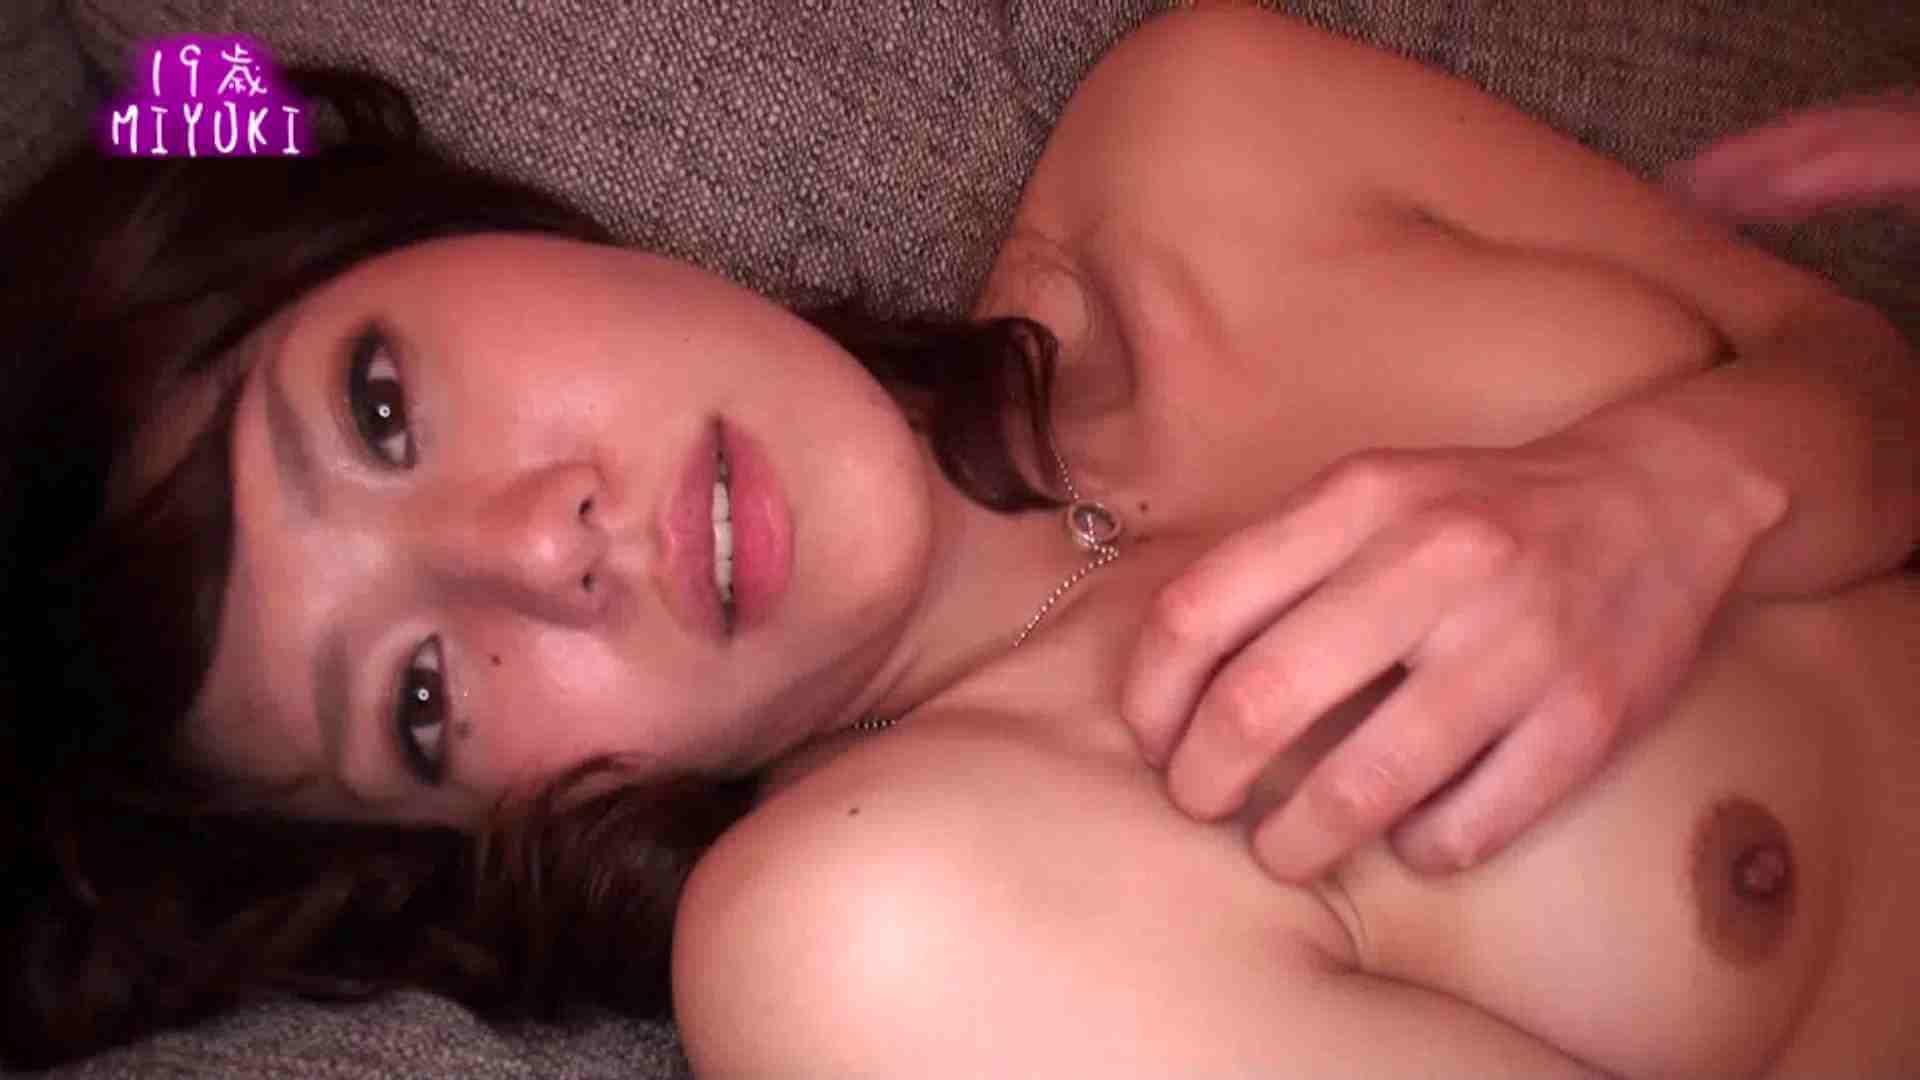 遂に解禁!!MIYUKIちゃんの柔らかいおっぱい お姉さんのおっぱい  69枚 24